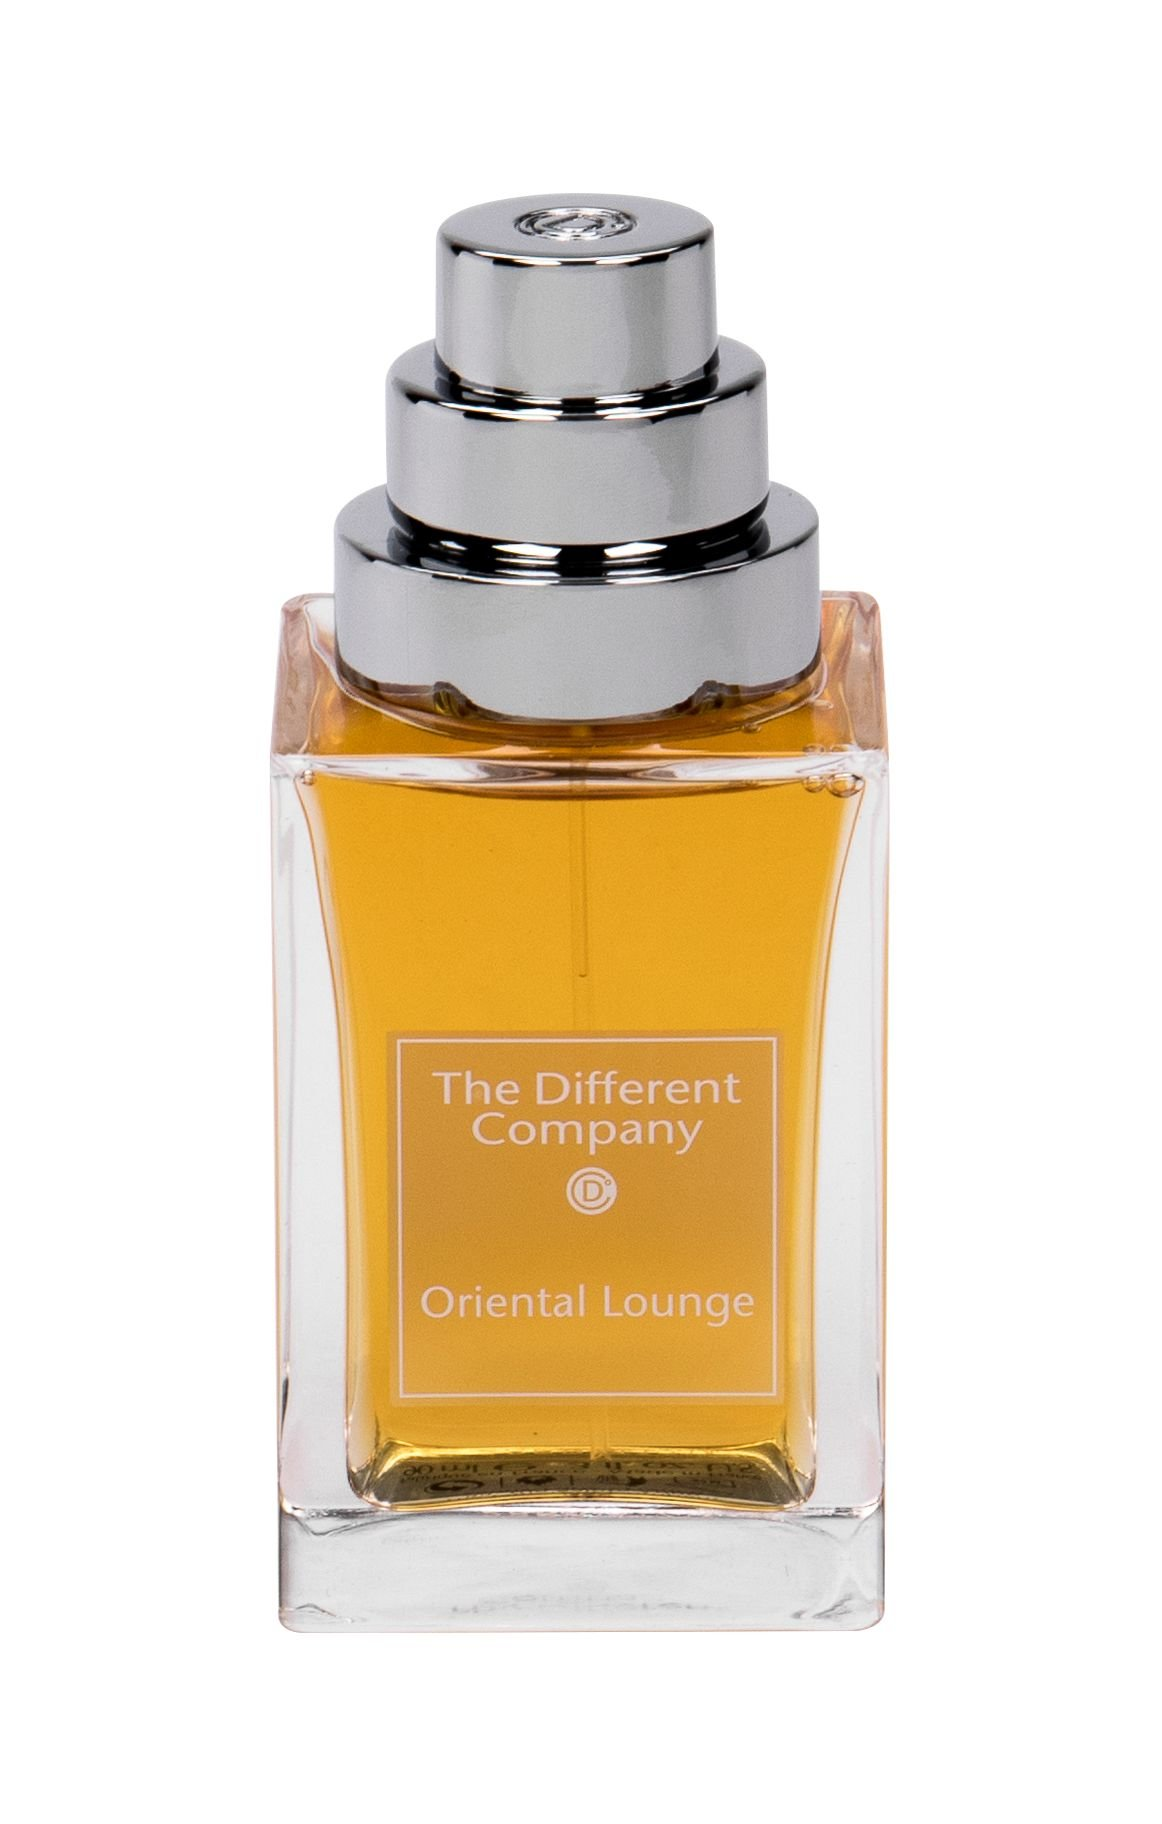 The Different Company Oriental Lounge Eau de Parfum 90ml